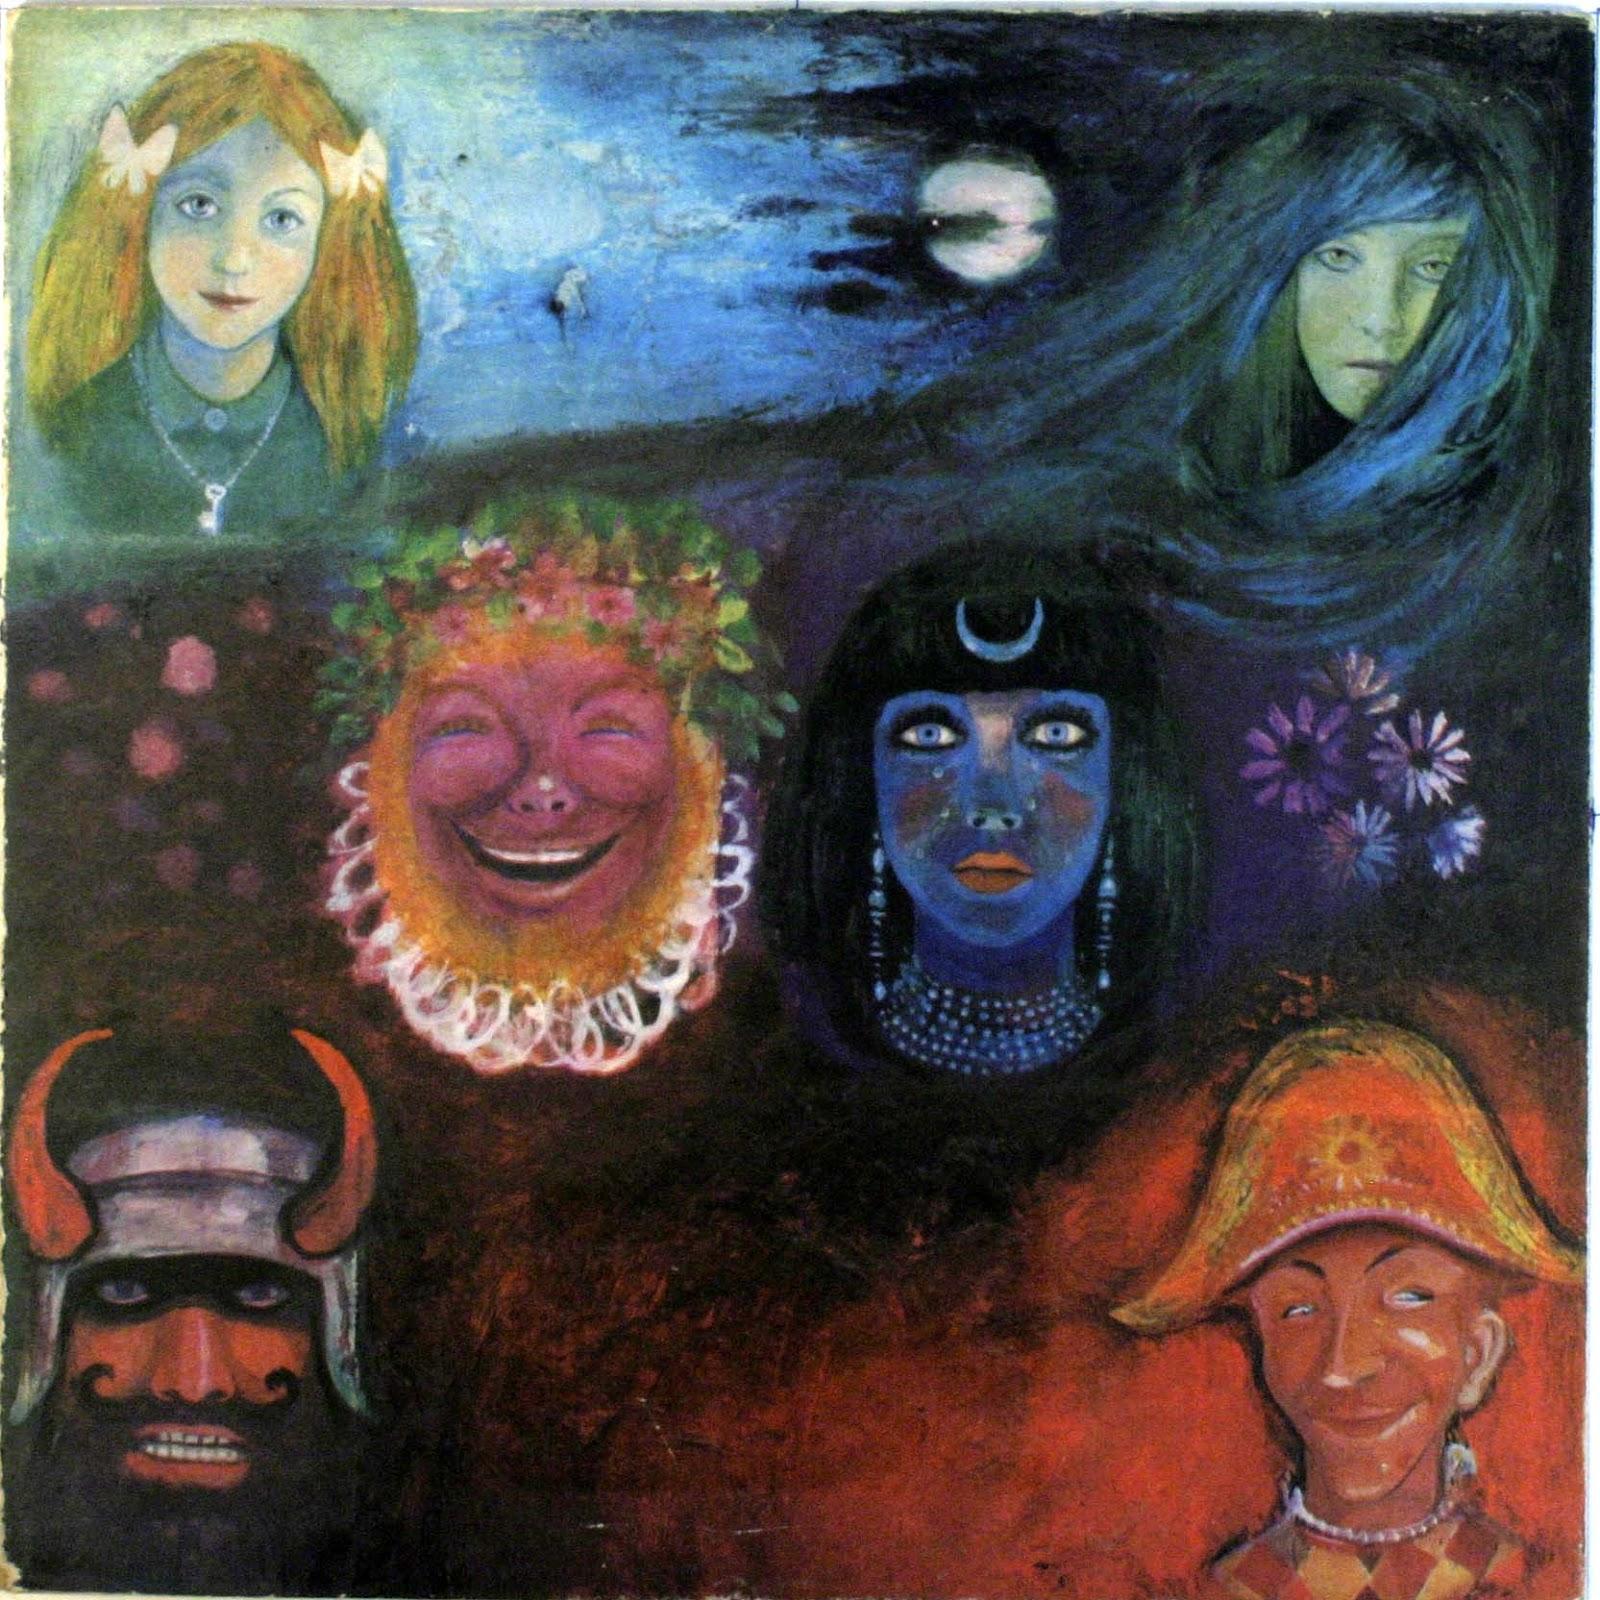 Los 25 mejores discos de rock progresivo.... King-crimson-in-the-wake-of-poseidon